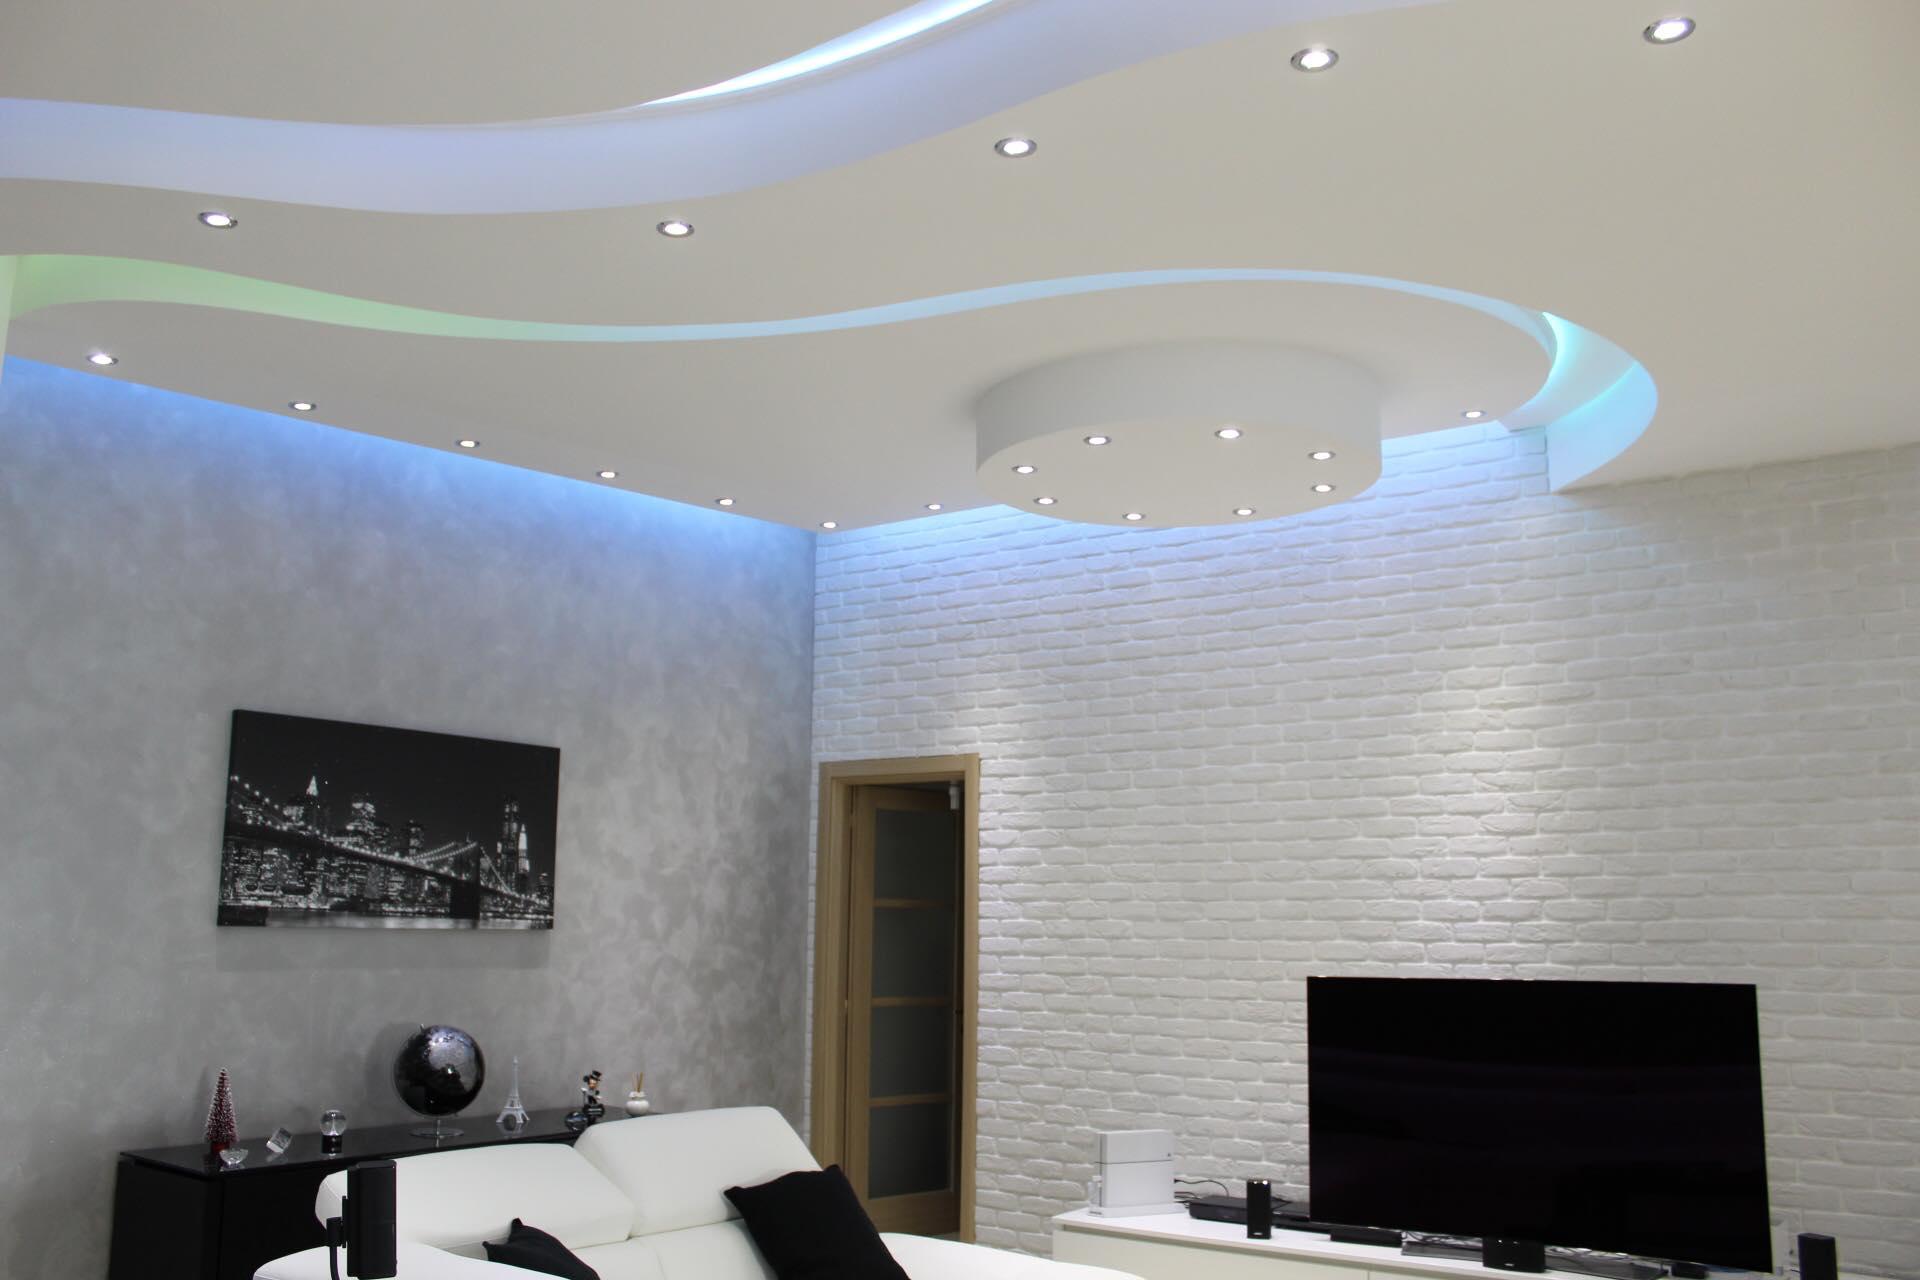 Decorare le pareti per donare all'ambiente un tocco originale può rivelarsi un'idea a dir poco suggestiva, soprattutto se si sceglie di puntare su rivestimenti di design che colpiscono per particolarità ed eleganza. Il Soggiorno Rinnovare Con La Pietra